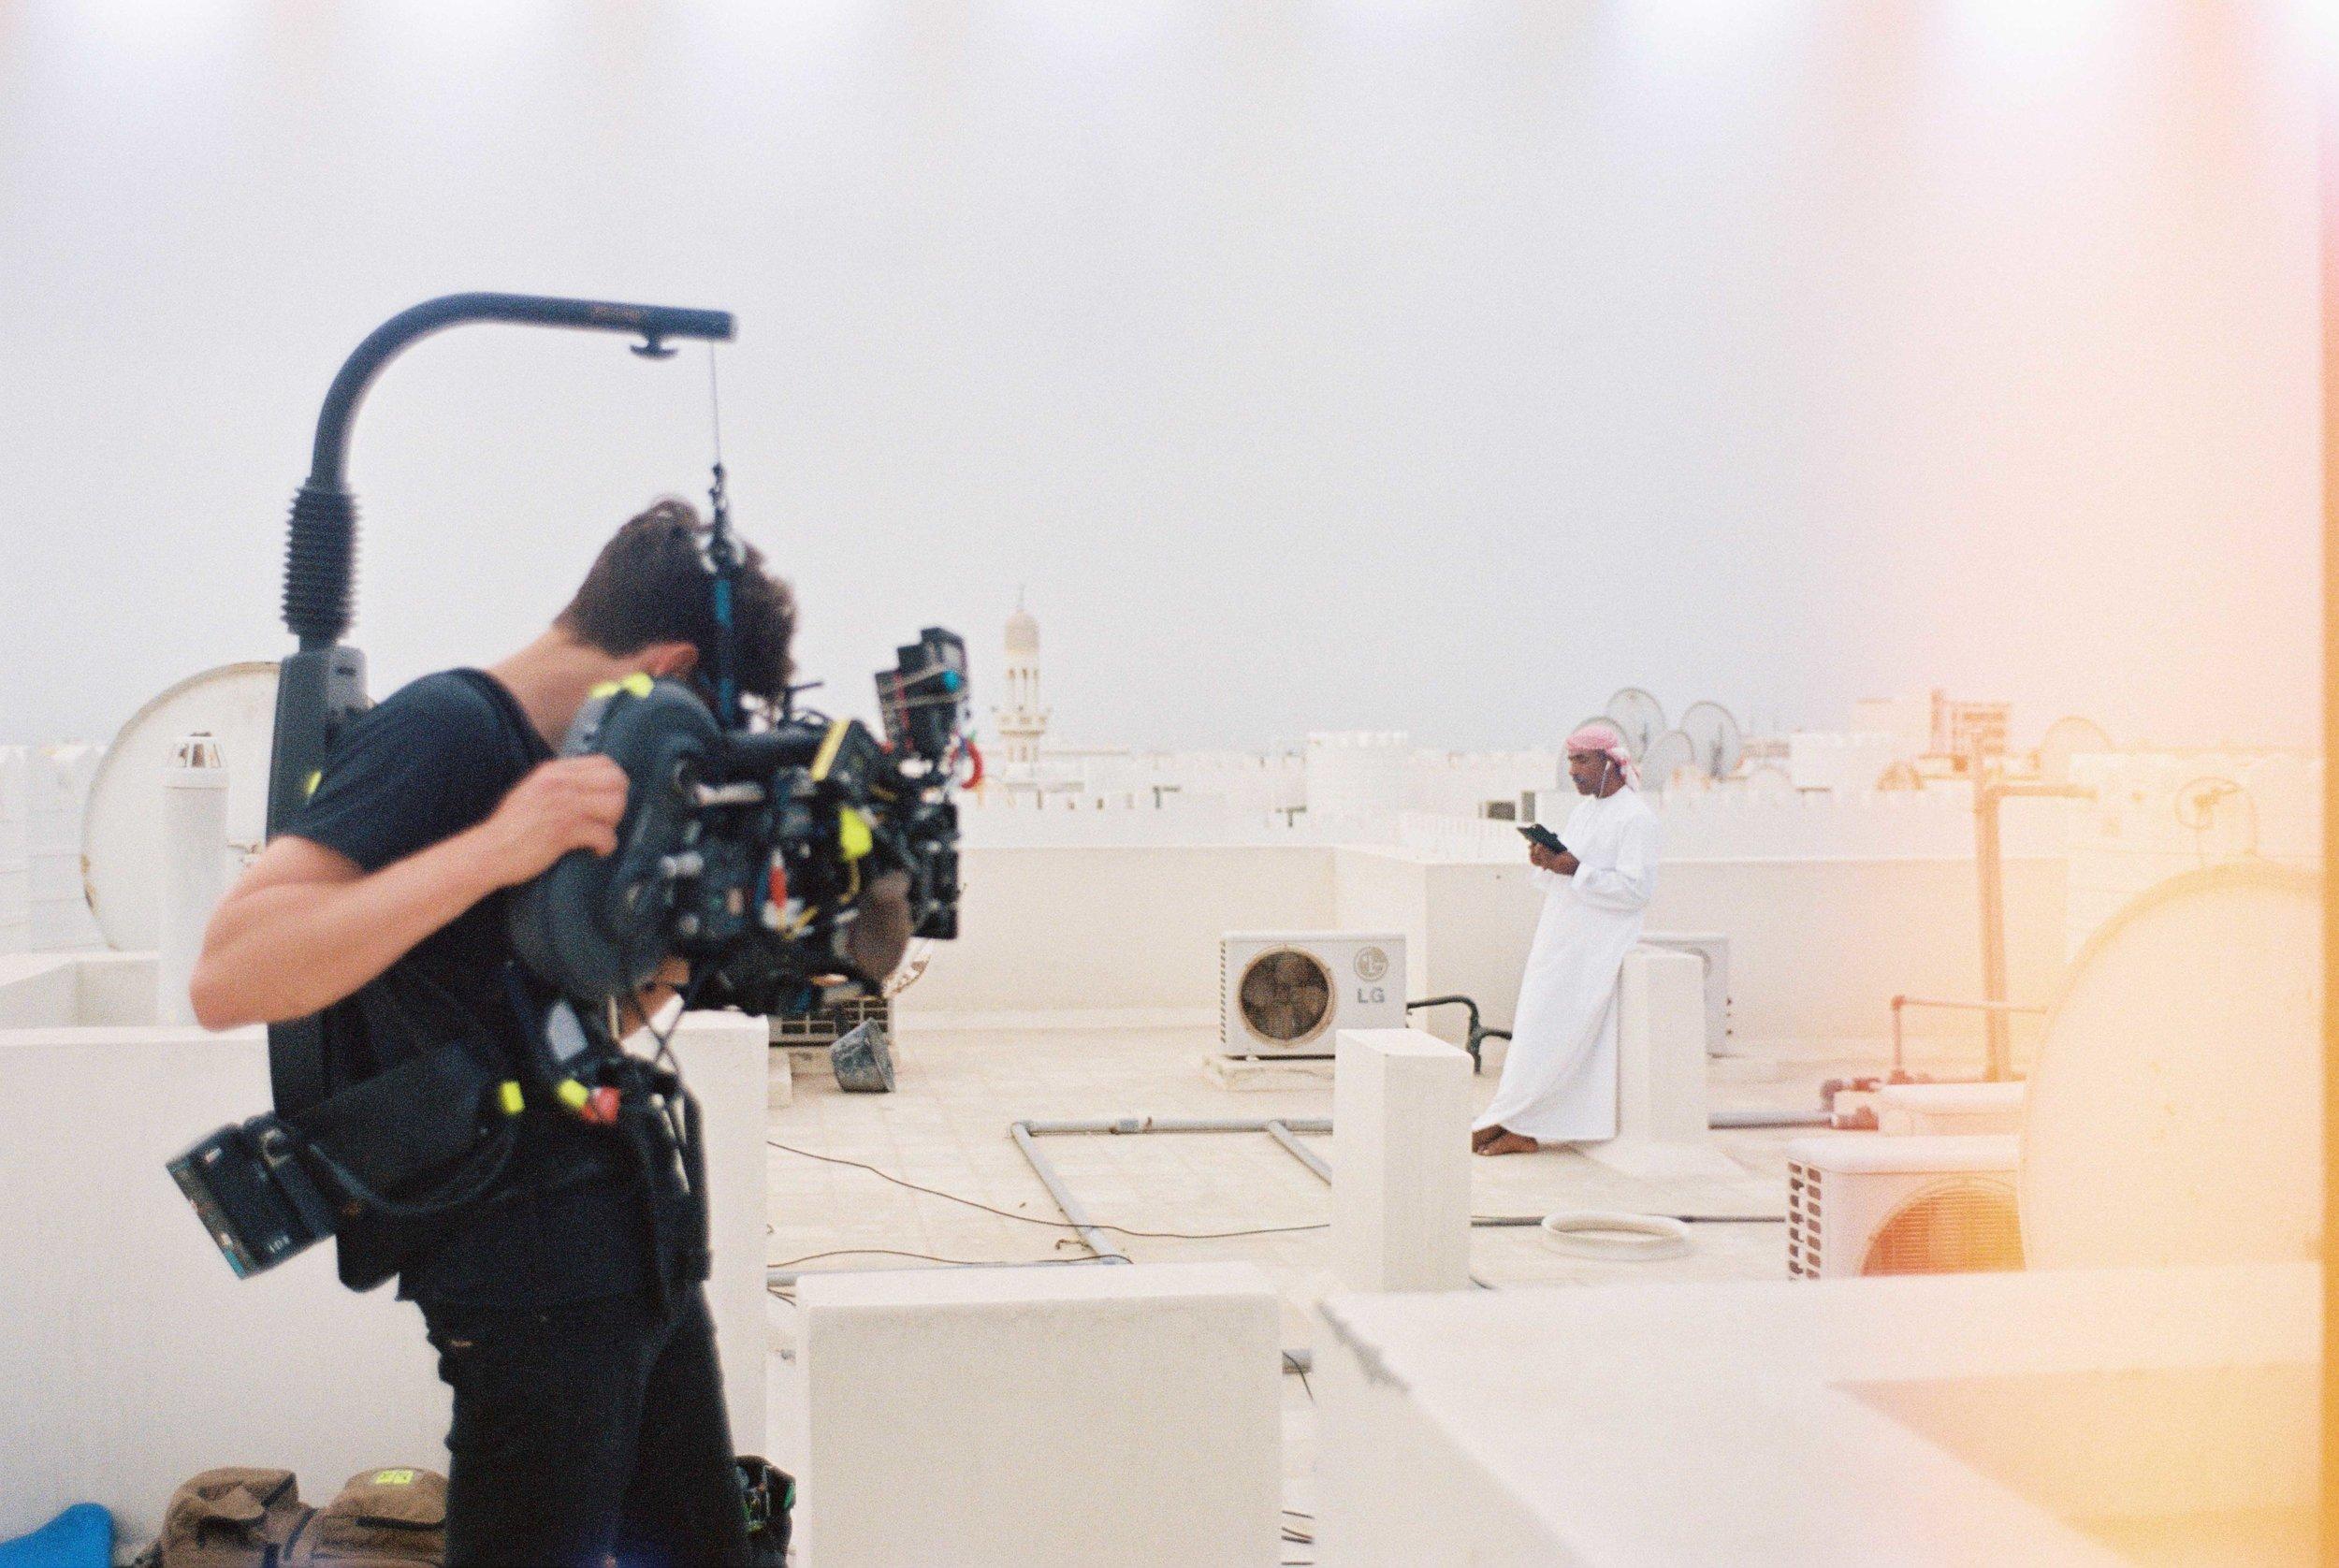 analog camera film shoot 35mm Making Of